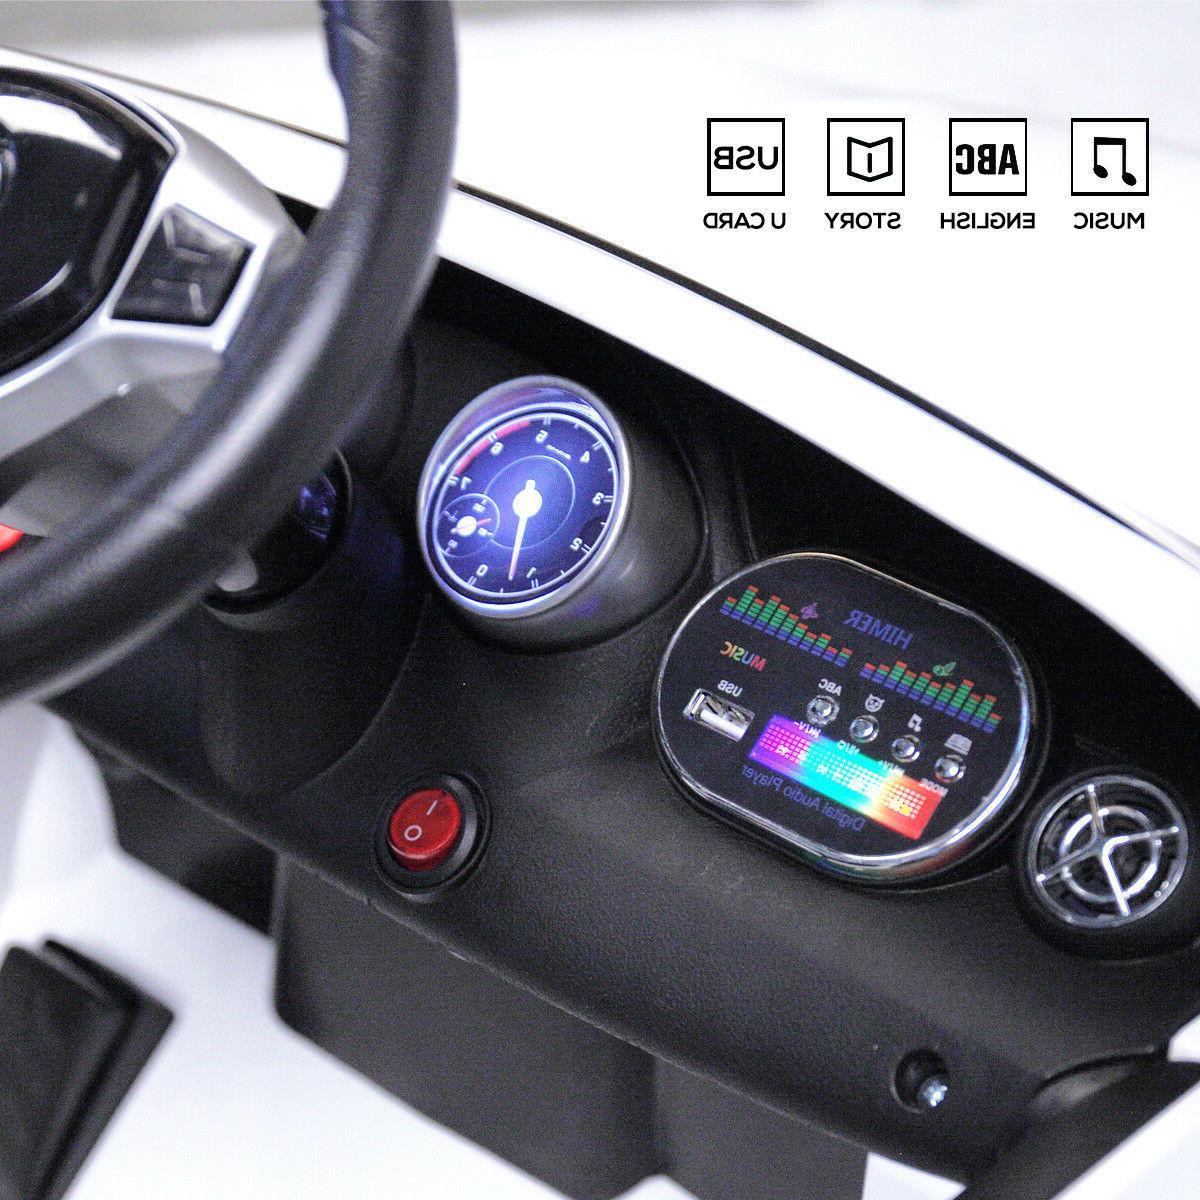 6V On Benz w/LED